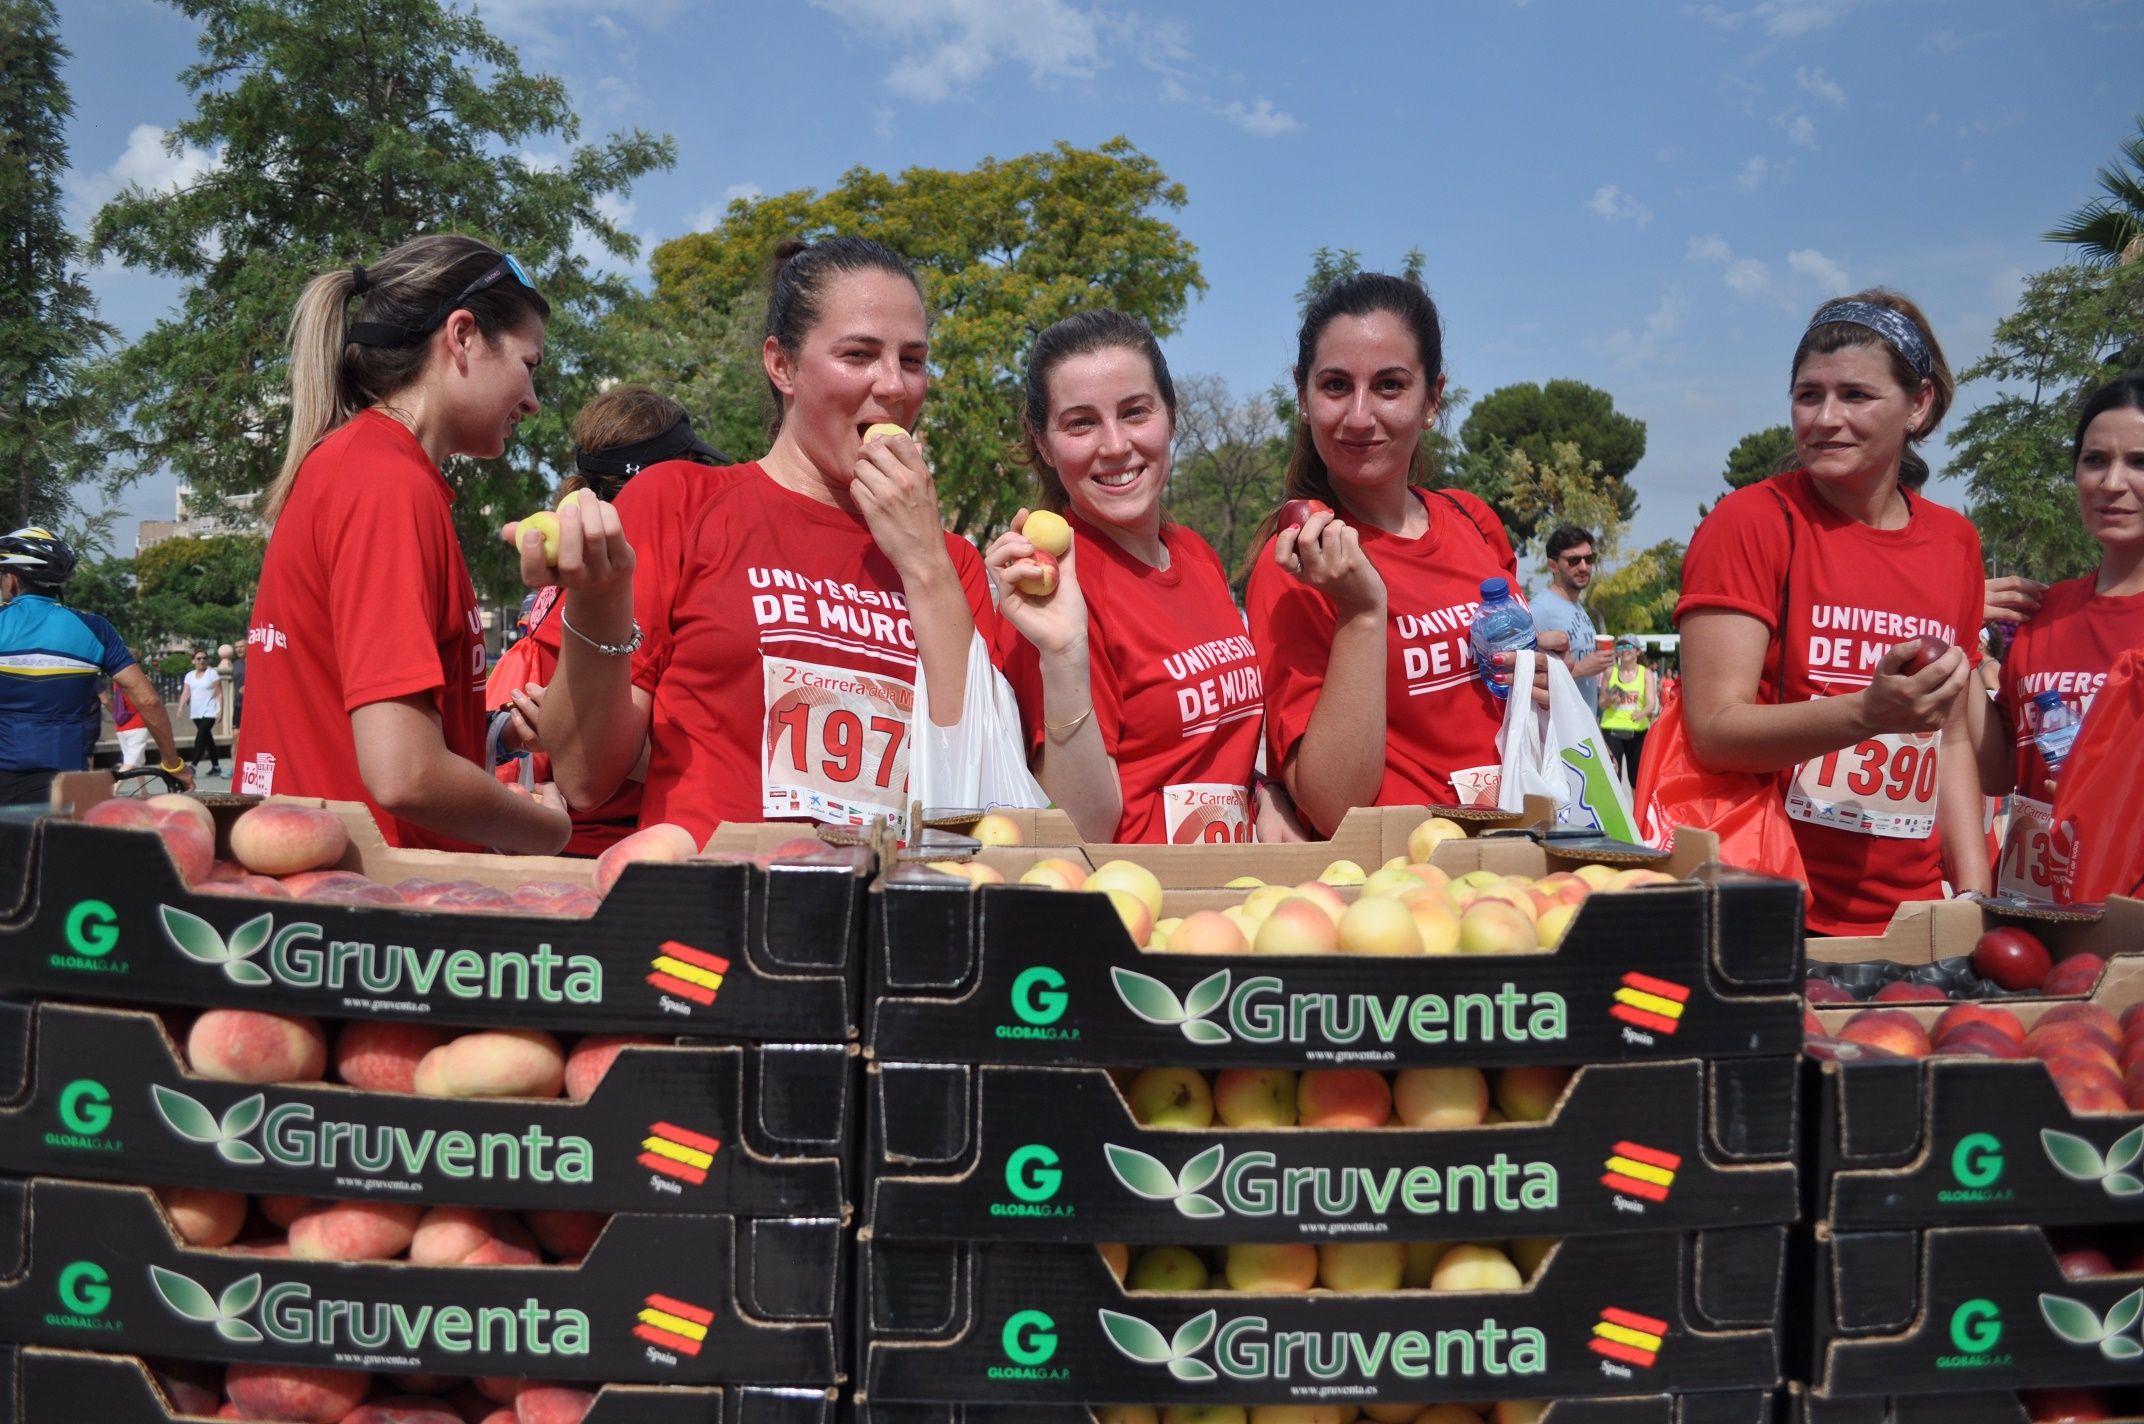 GRUVENTA en la II Carrera de la Mujer en Murcia 2017